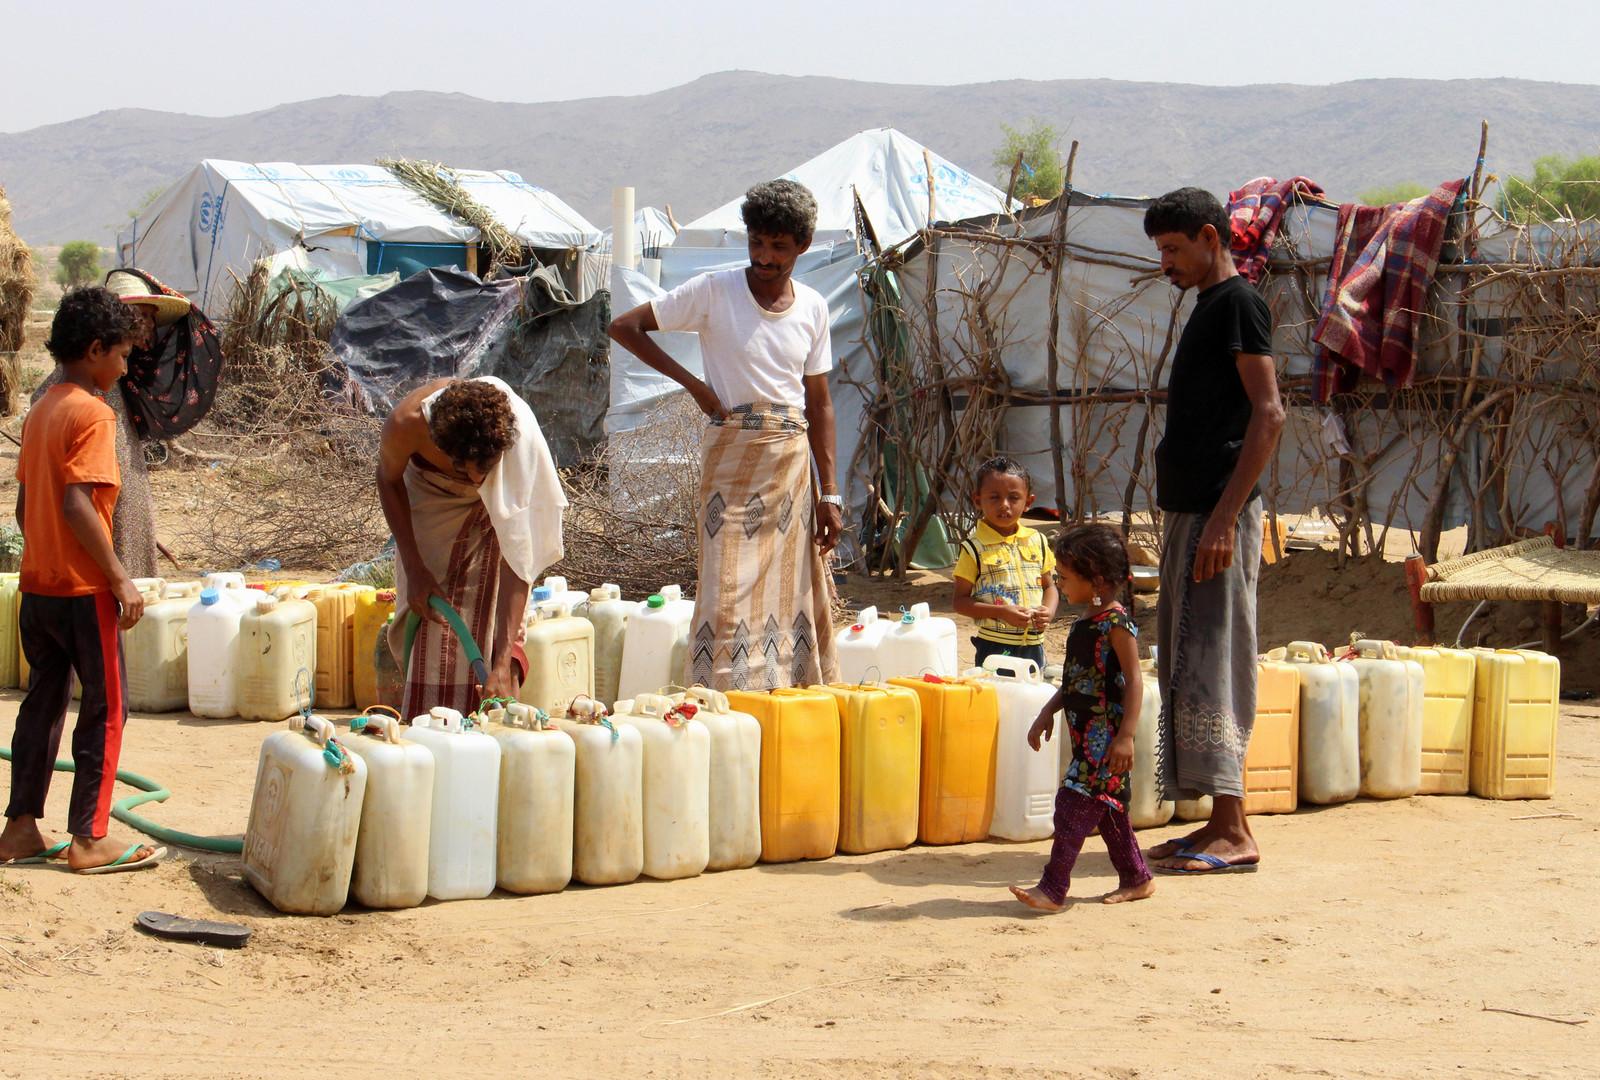 Aus Hodeida vertriebene Jemeniten füllen am 16. September 2018 Wasserbehälter in einem provisorischen Lager in einem Dorf im nördlichen Bezirk Abs in der Provinz Hadscha auf.